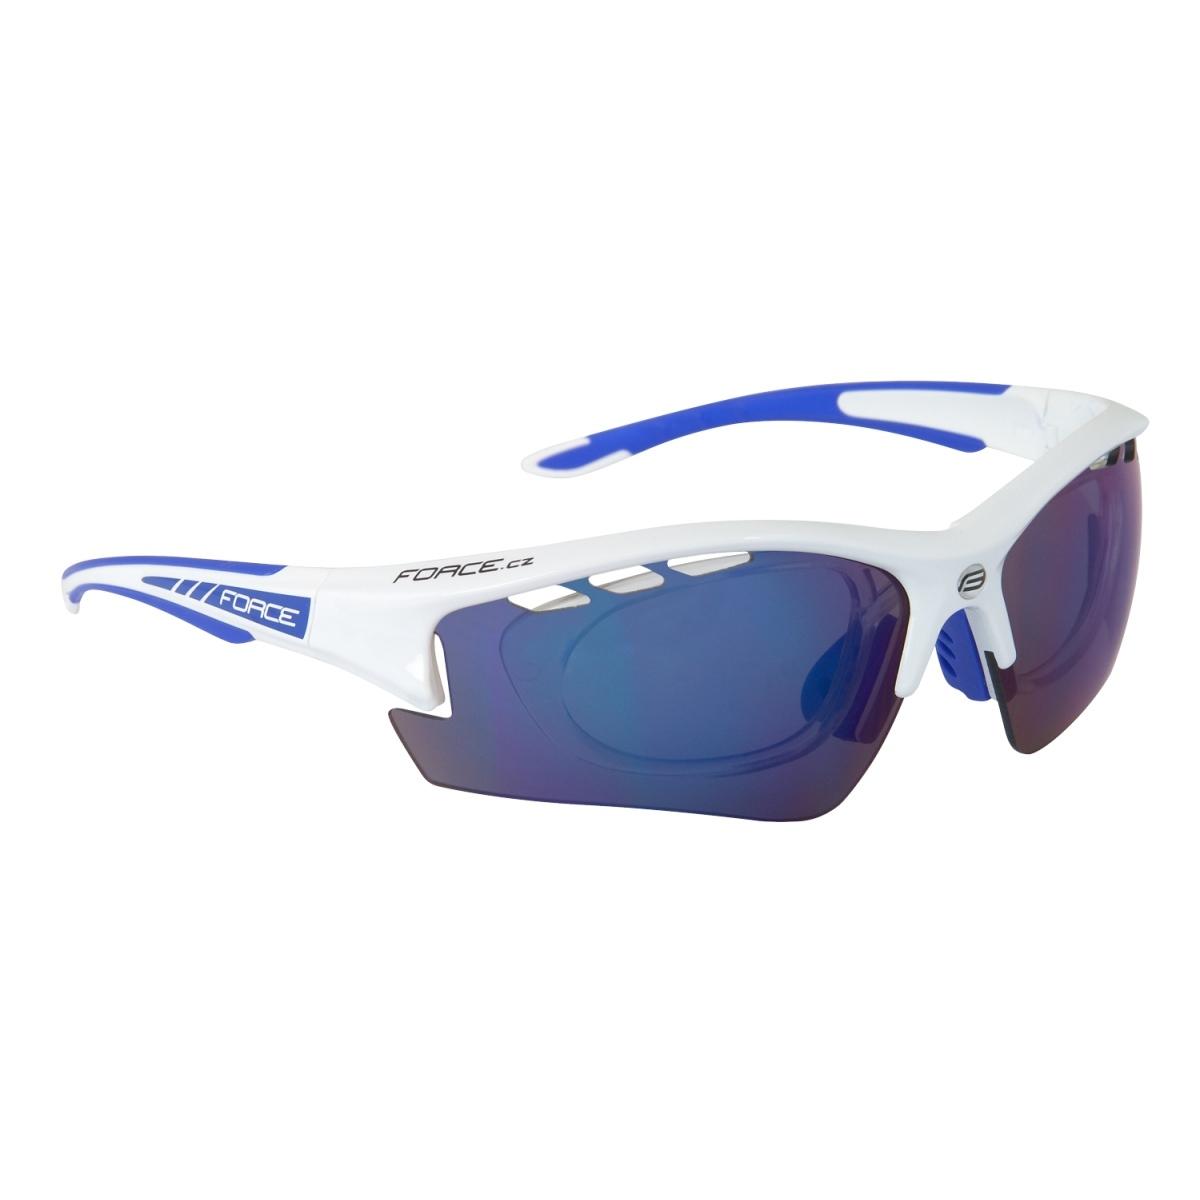 Brýle FORCE RIDE PRO bílé - dioptrický klip - modrá laser skla